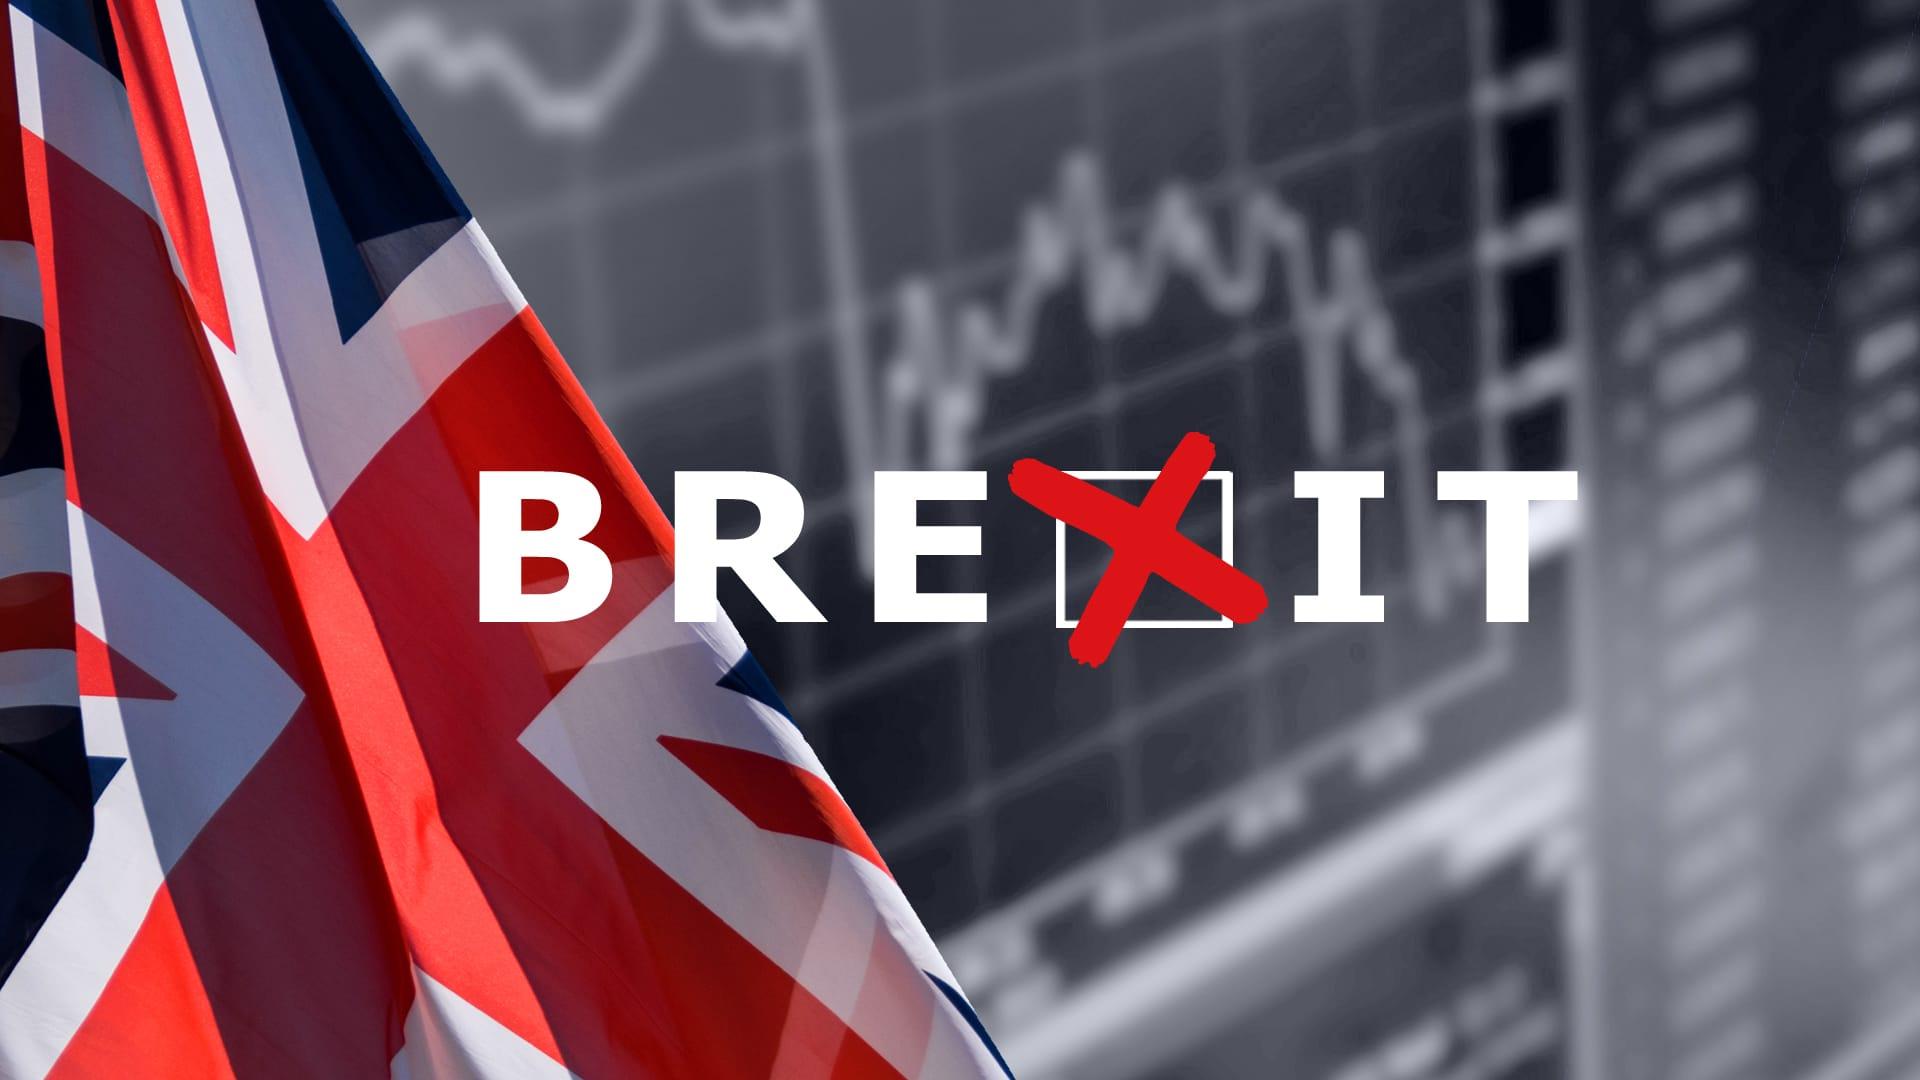 Britannian lippu ja pörssikäyrä.